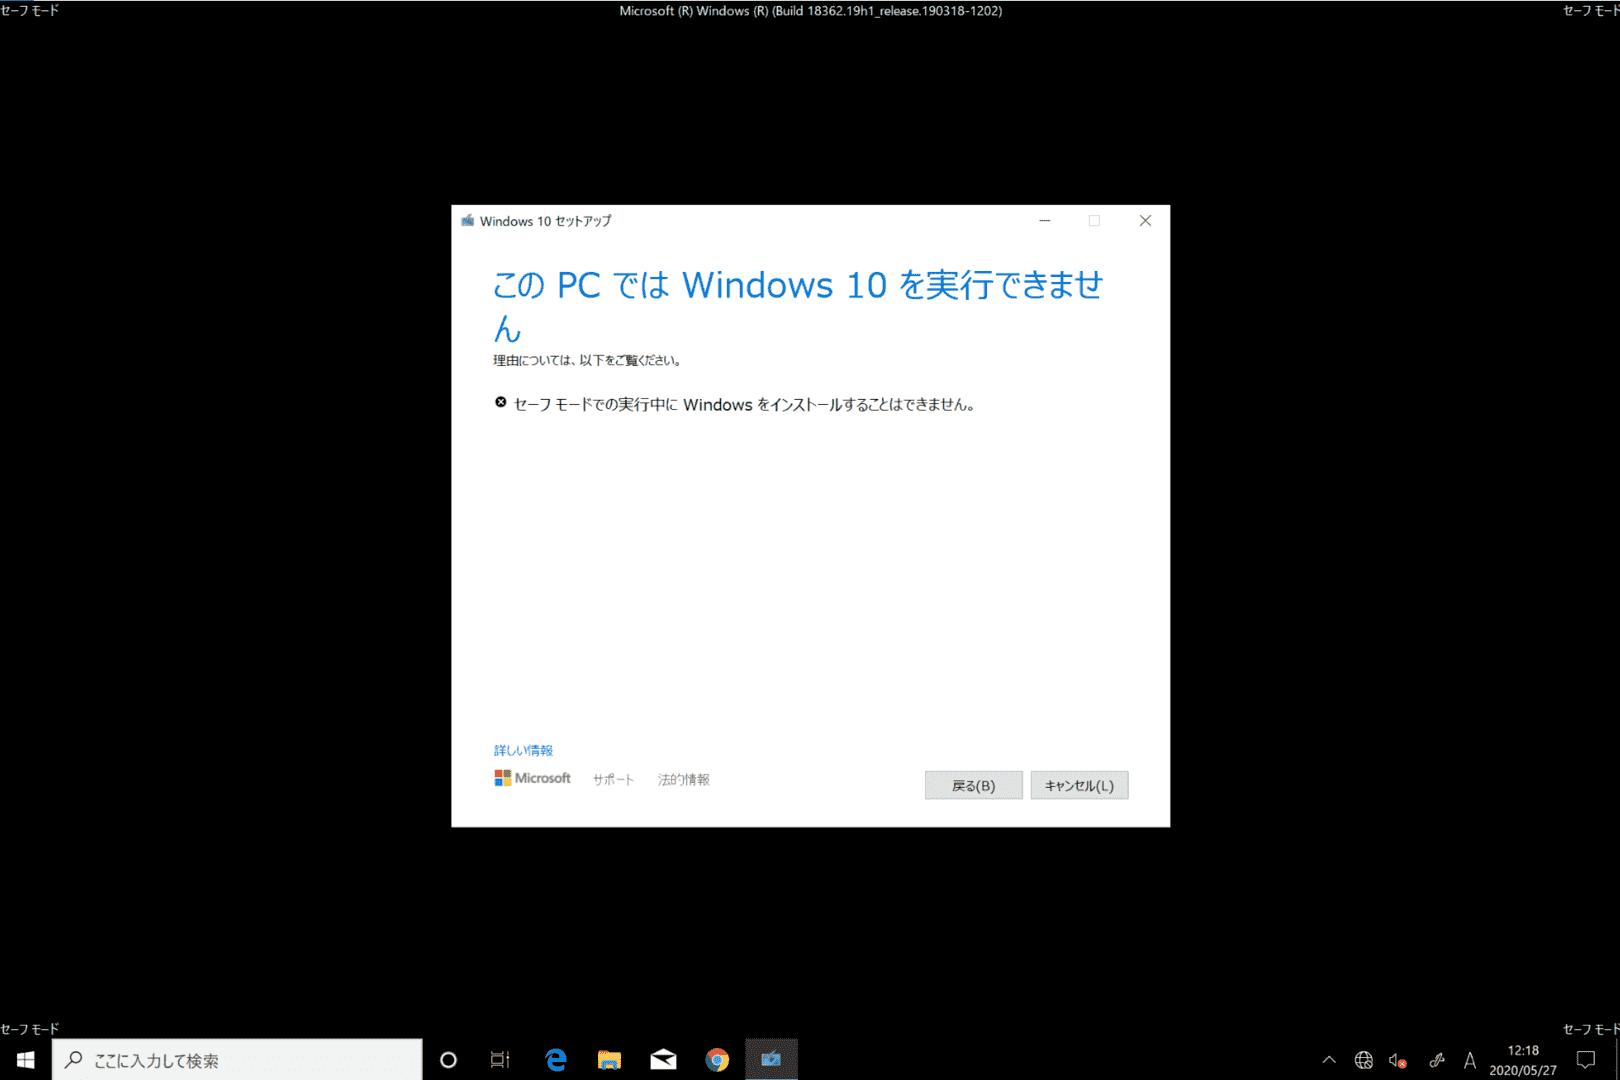 セーフモードからWindows 10の上書きインストール